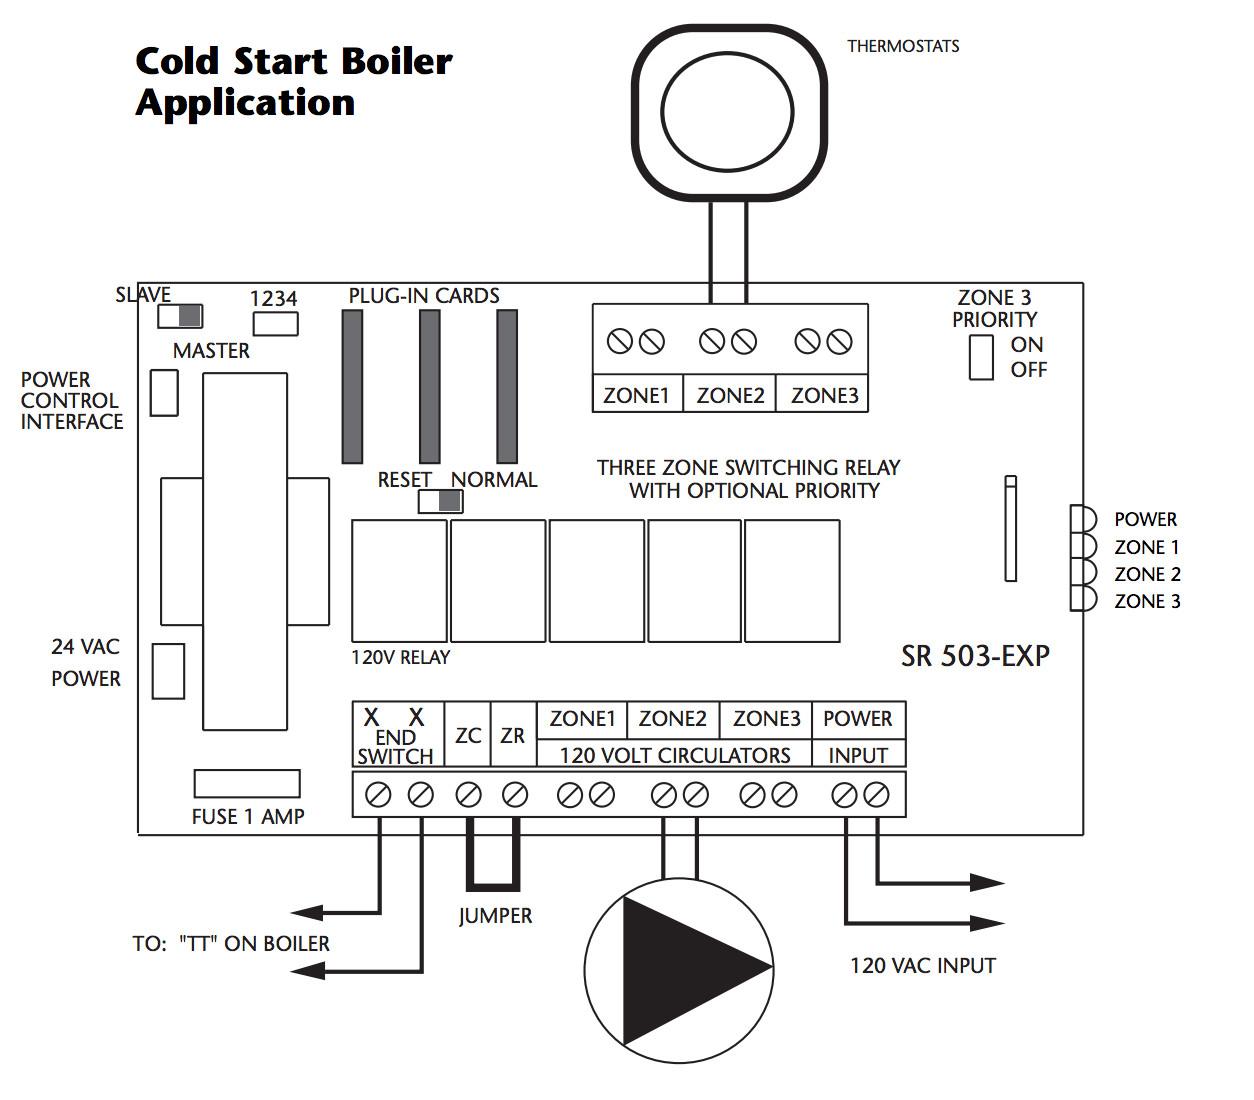 taco 00 circulator wiring schematic diagram Taco 006 Wiring Diagram taco 006 wiring diagram schematic diagram taco circulator pump relay taco cartridge circulator wiring diagram all